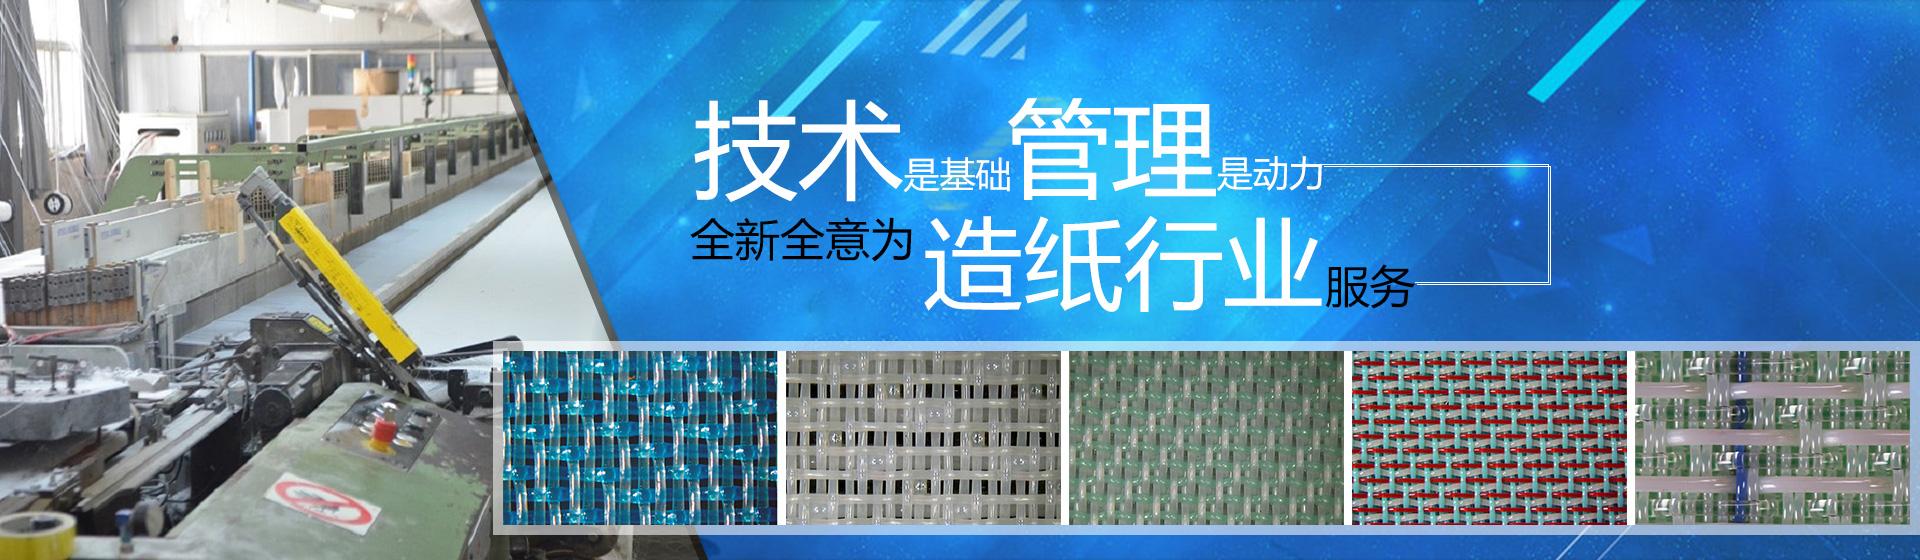 聚酯造纸网